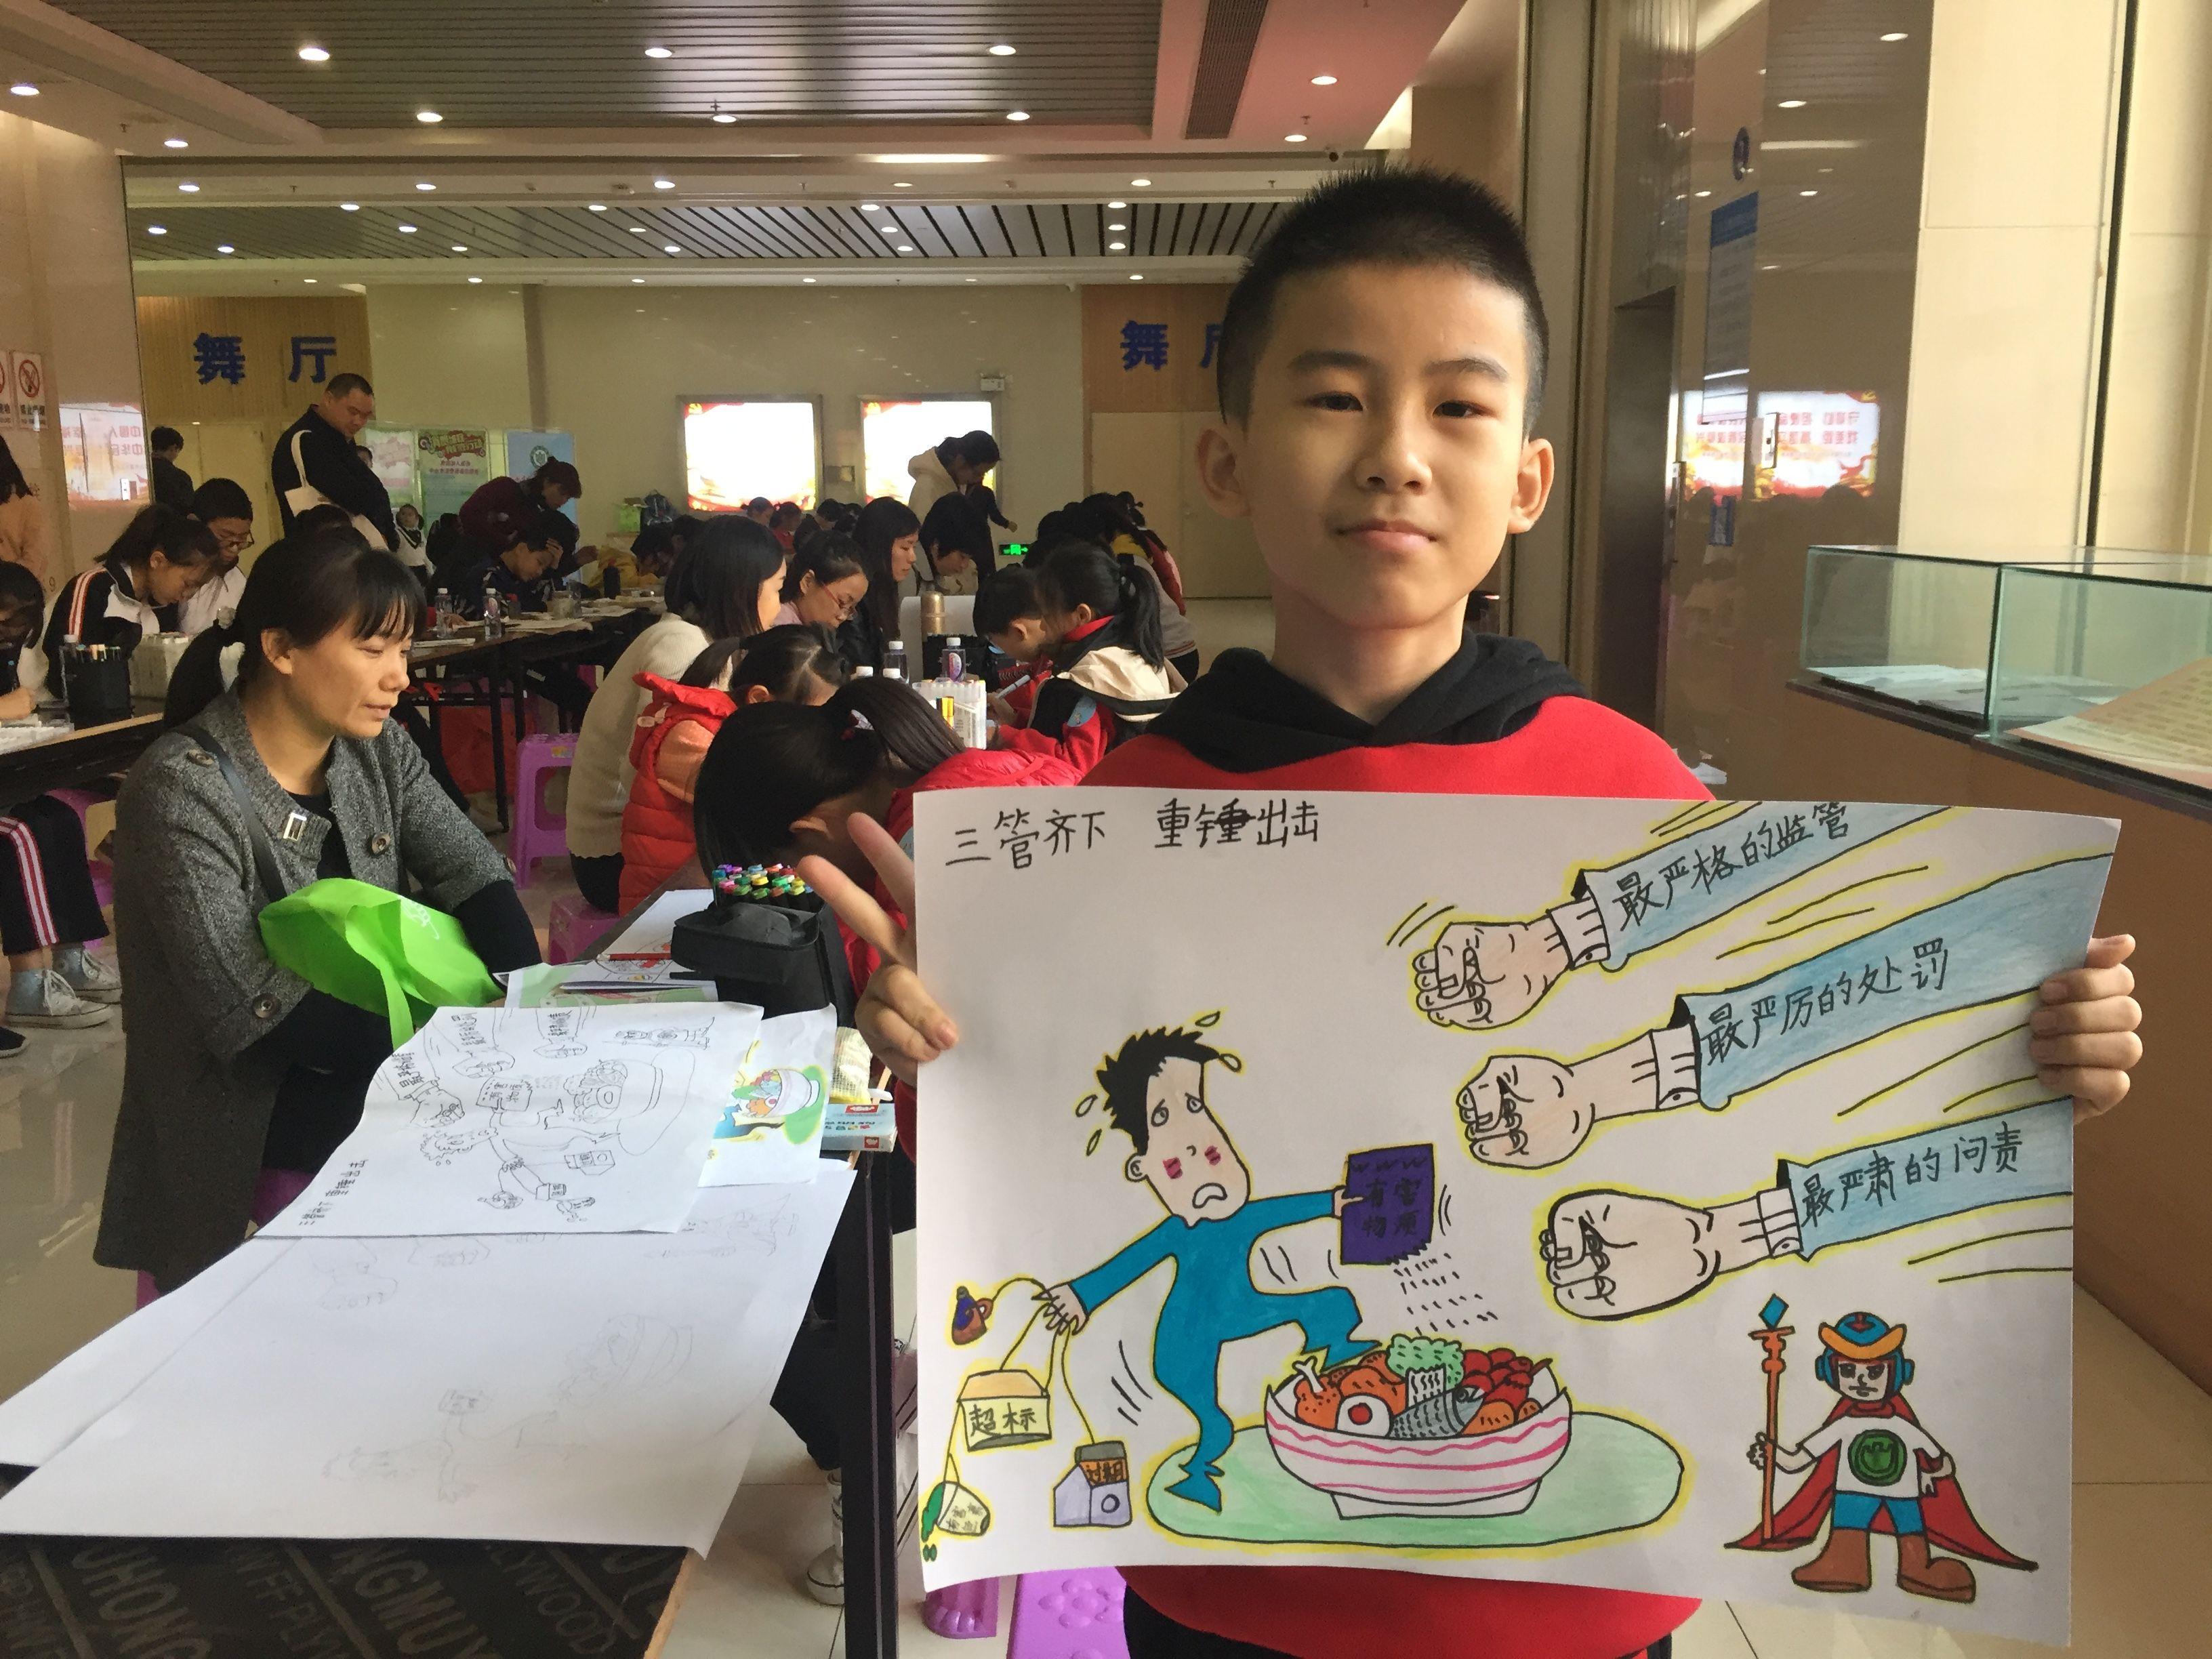 """中山的少年們用一支筆,為""""美好生活""""發聲,這場漫畫展你絕對不能錯過!"""